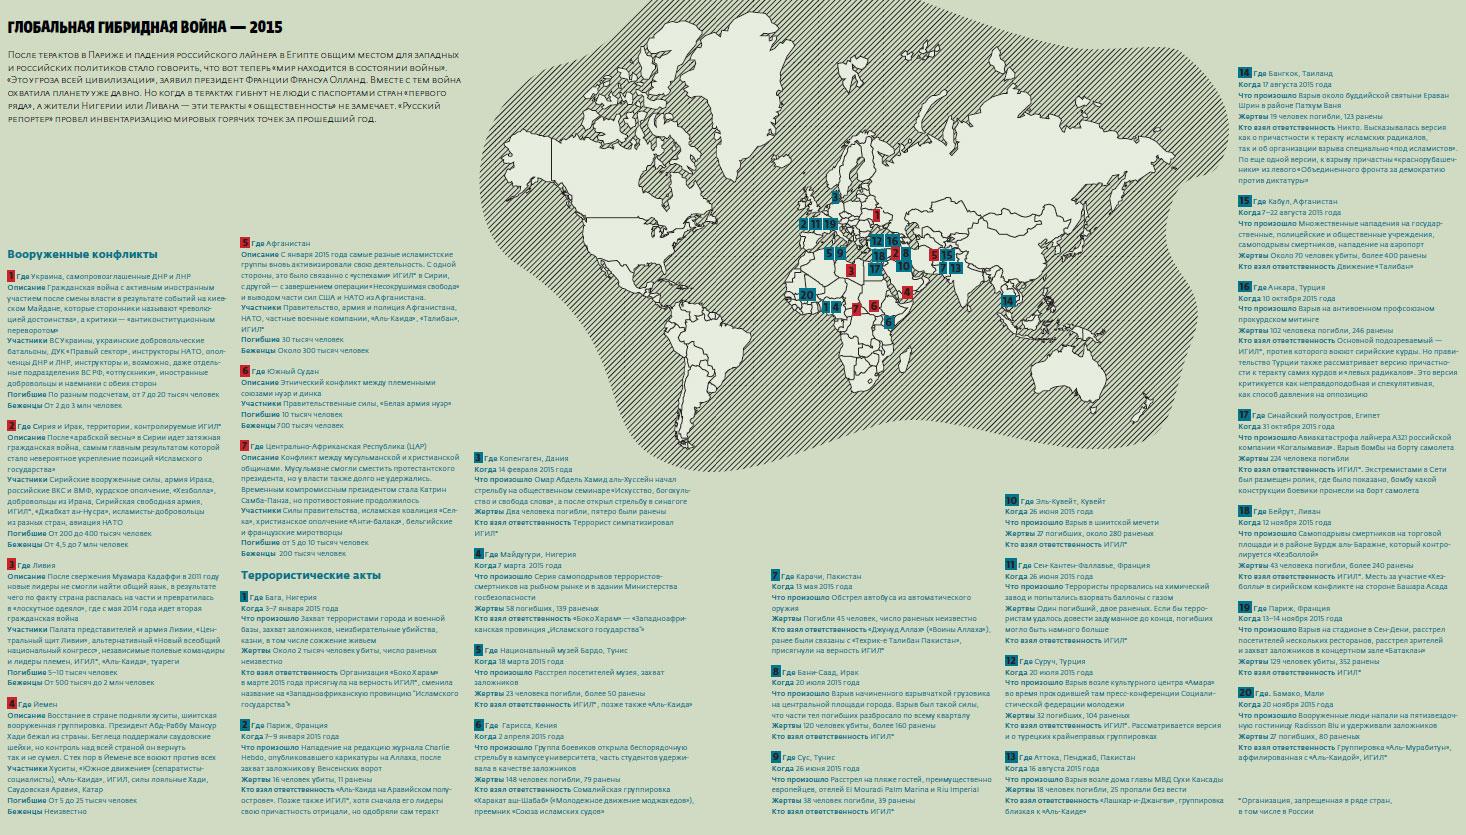 глобальная гибридная война 2015.jpg